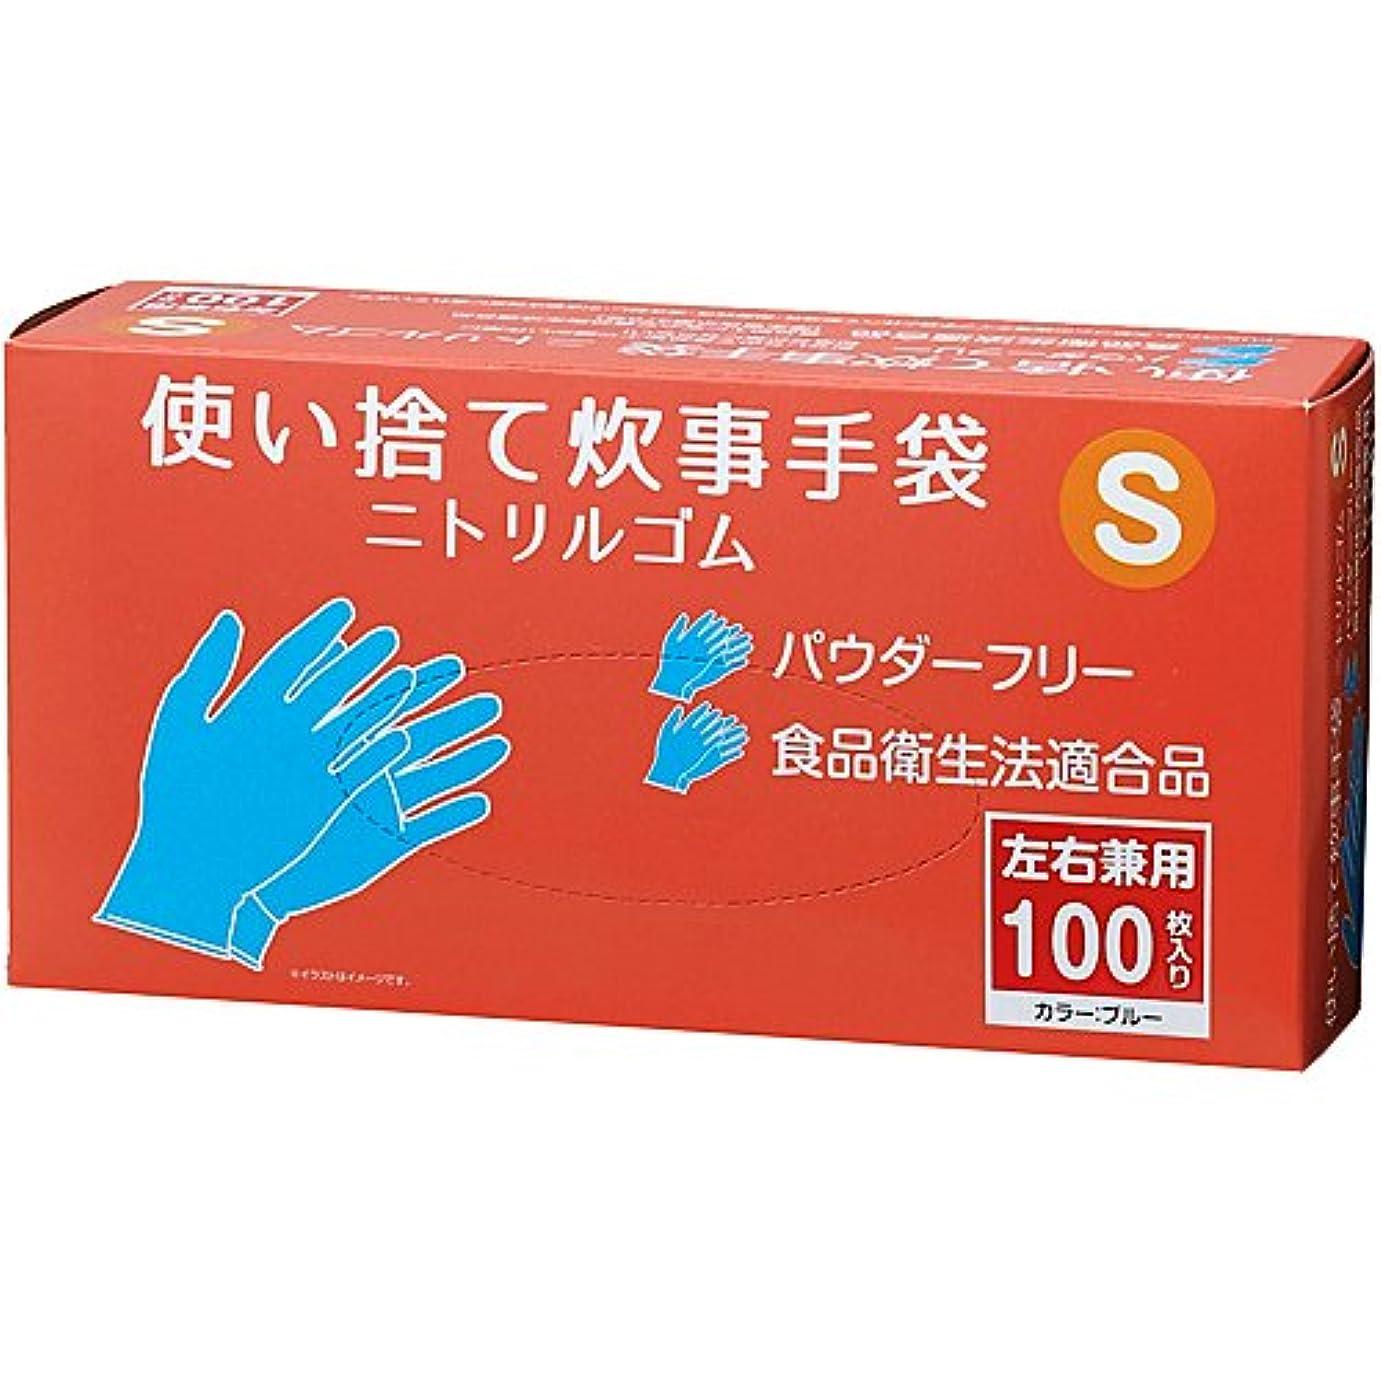 限りなく援助模索コーナンオリジナル 使い捨て炊事手袋 ニトリルゴム 100枚入り S KFY05-1142